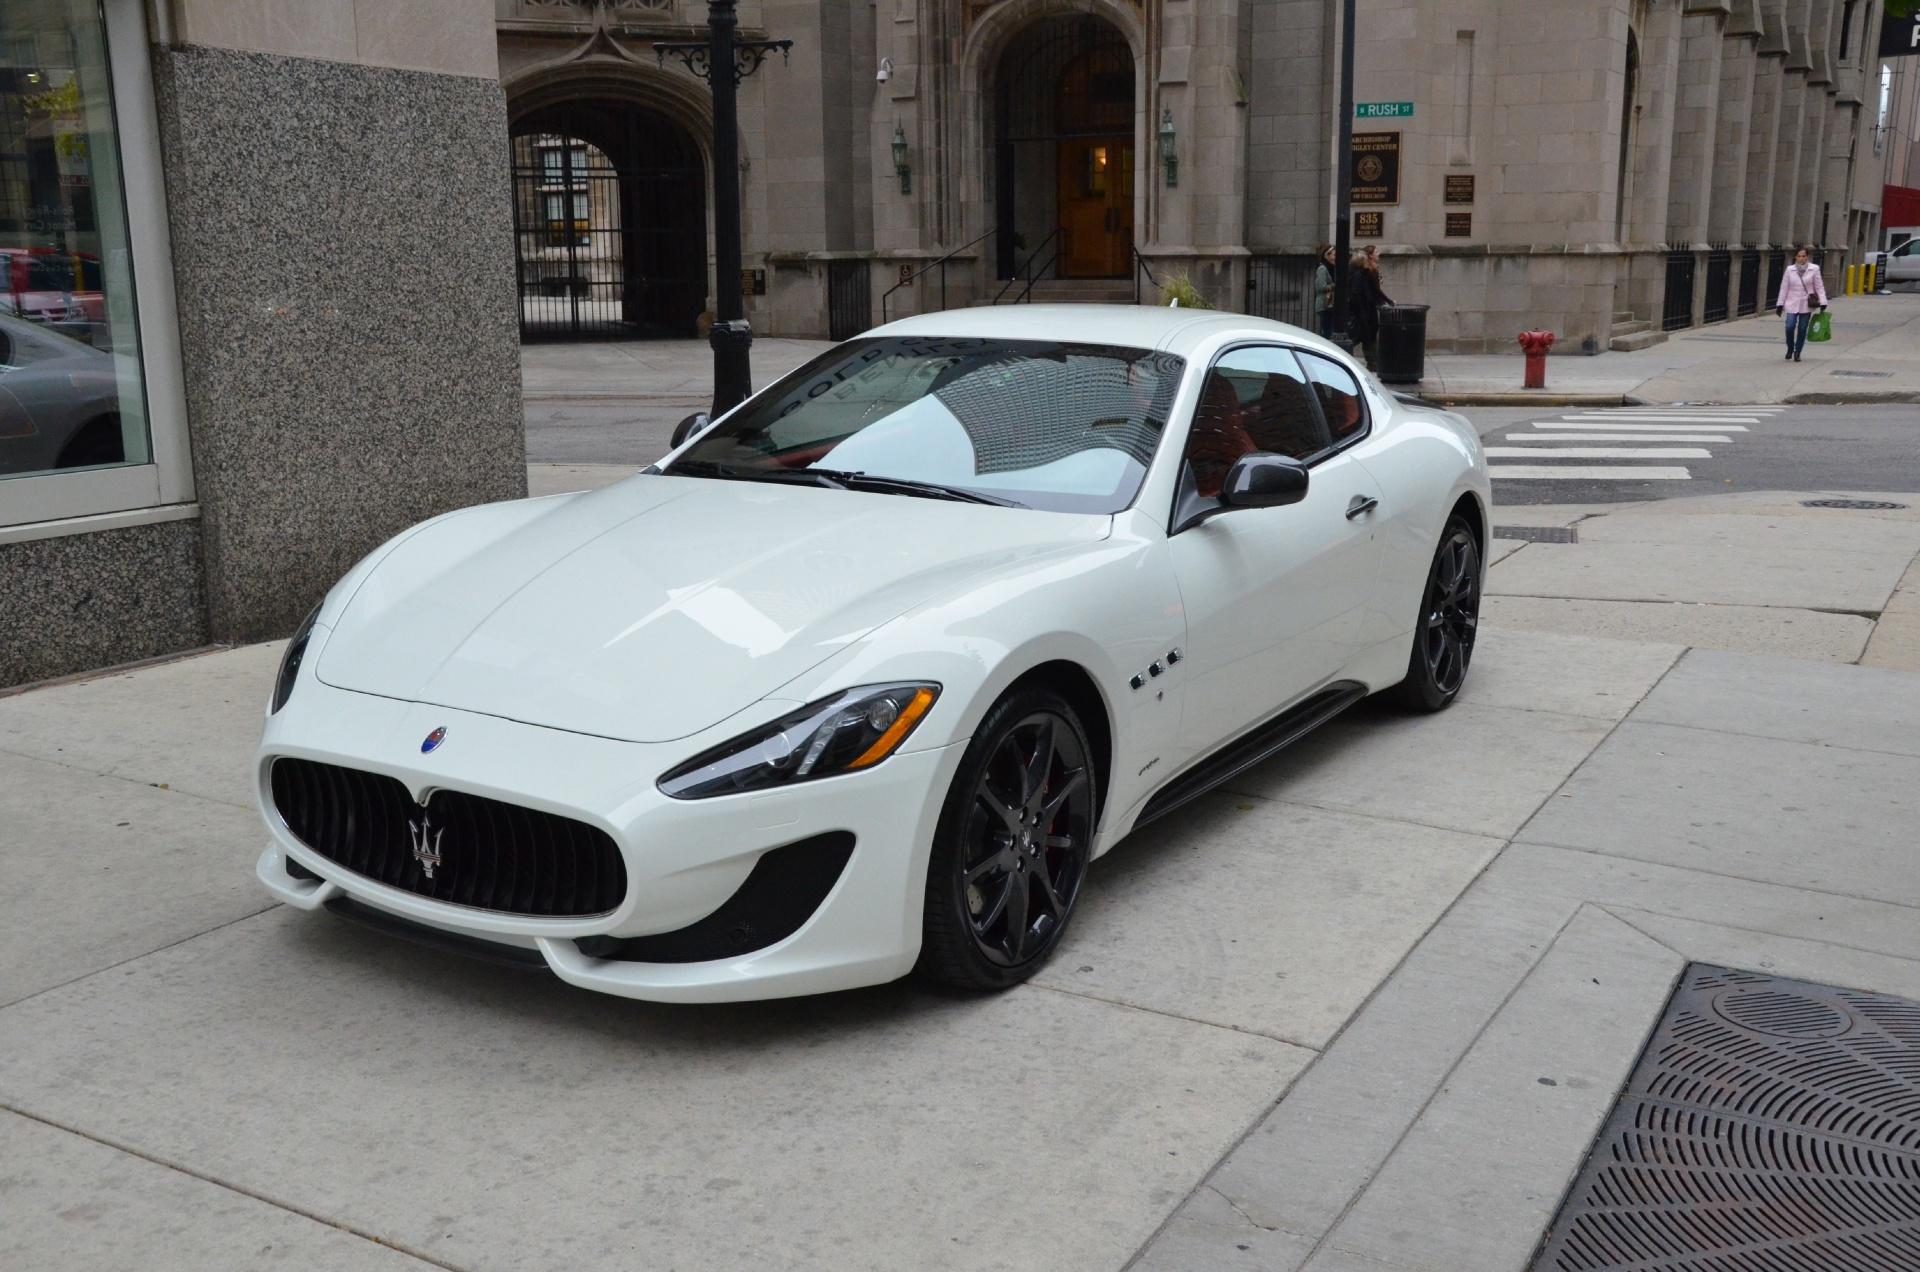 2014 Maserati GranTurismo Stock # M182-S for sale near ...